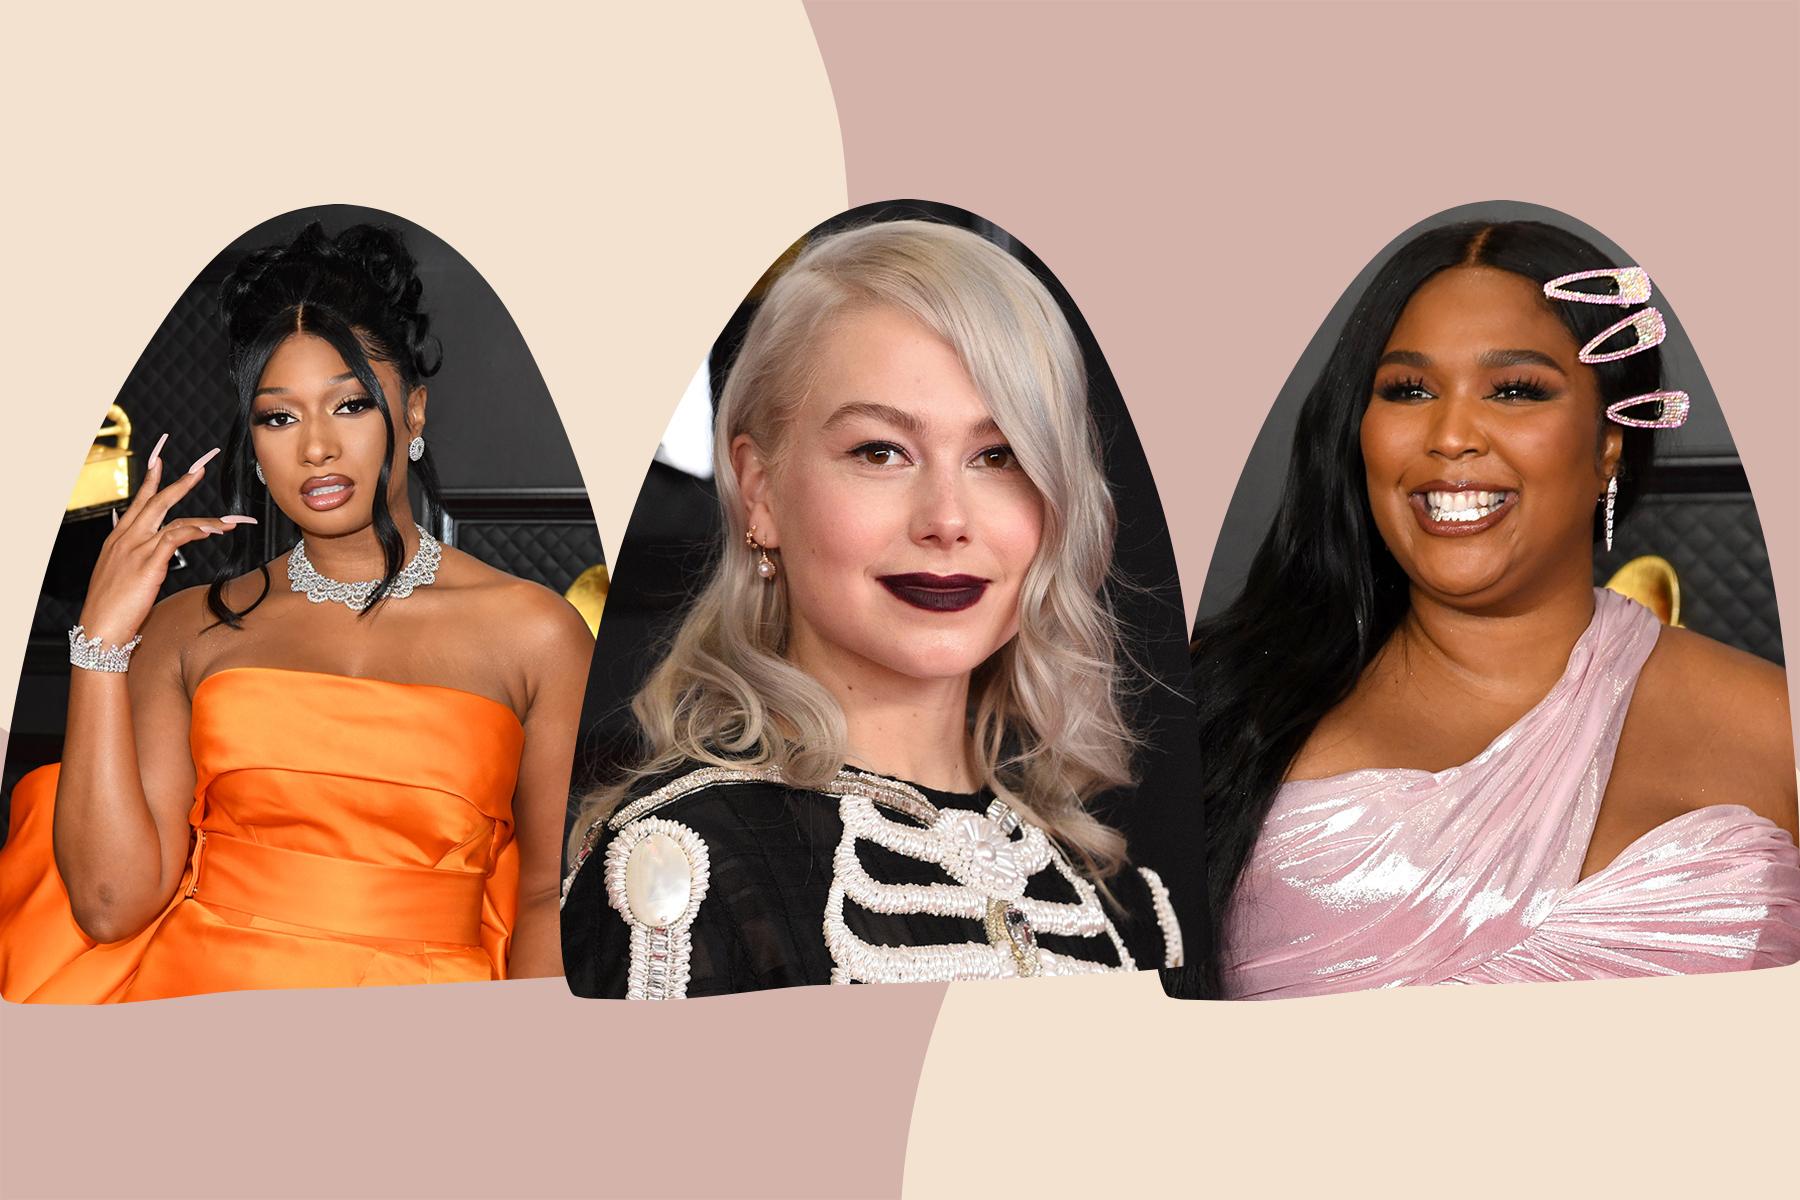 best beauty looks grammy awards 2021